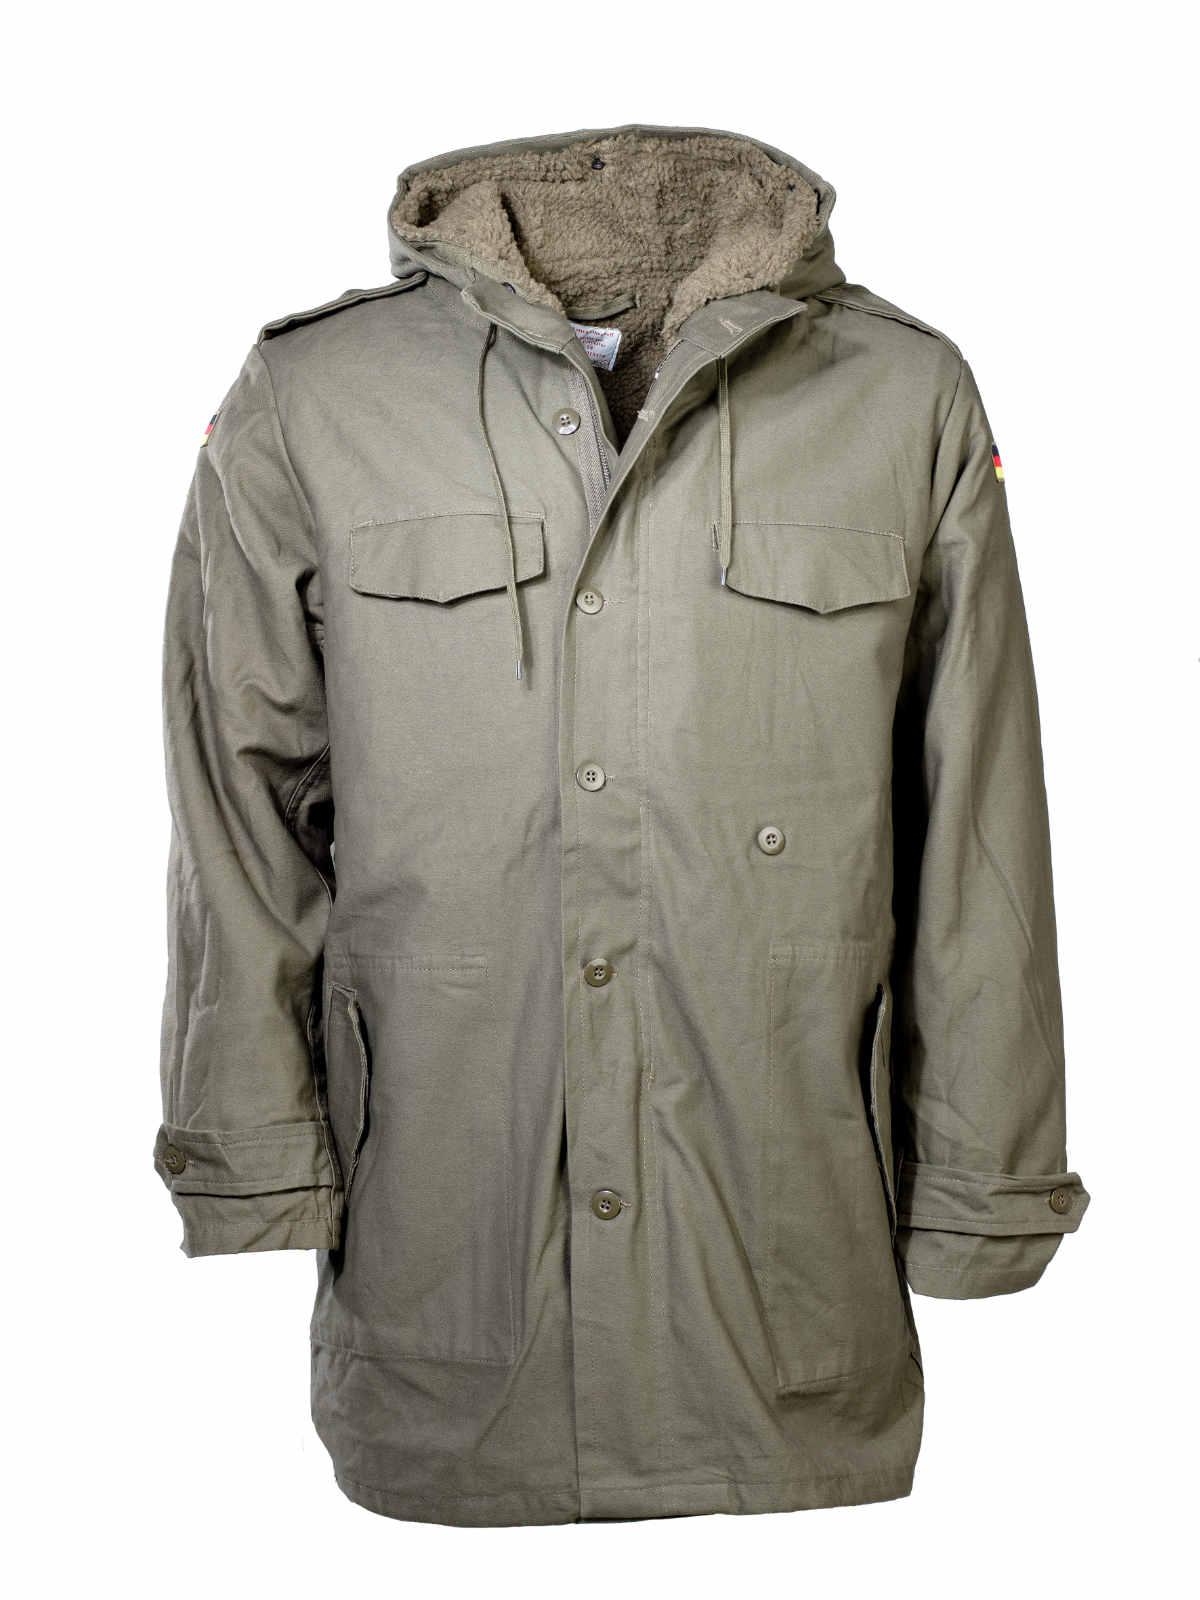 Hoheitsabzeichen ORIGINAL BUNDESWEHR  Unterhemd oliv kurzarm oder in khaki mit